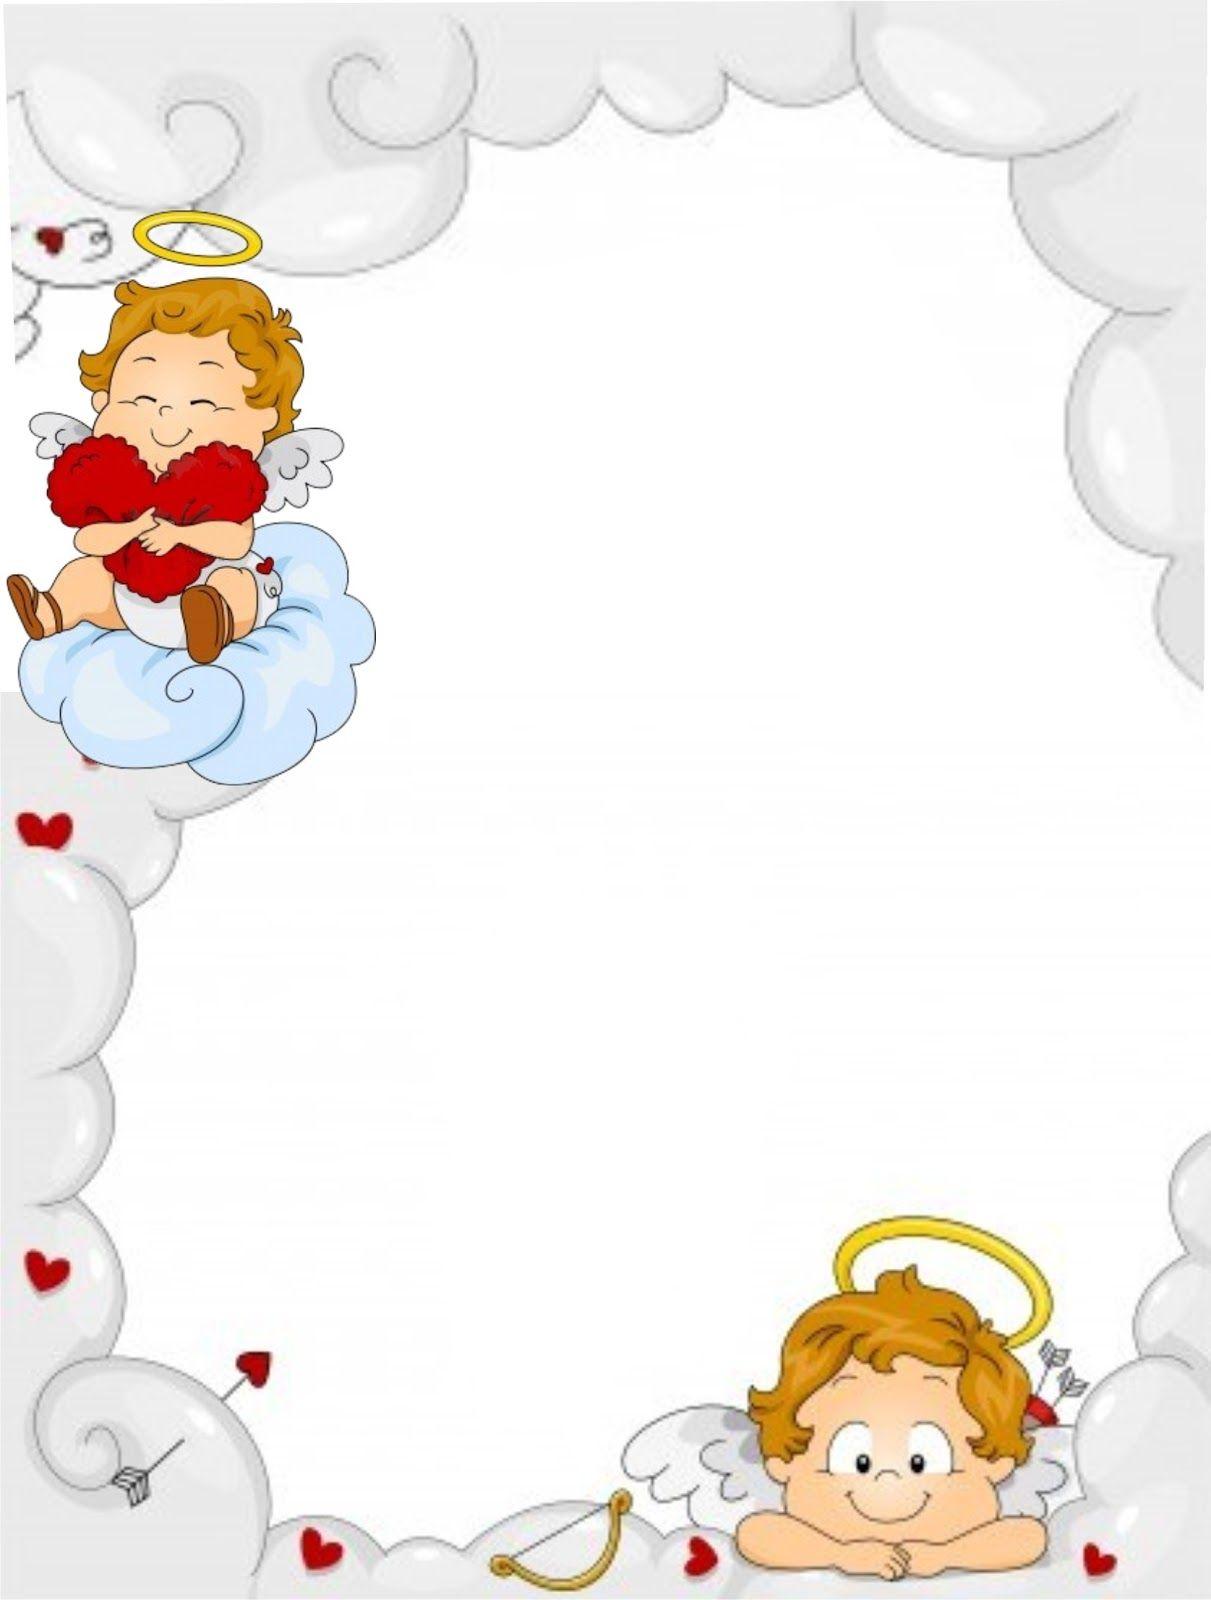 Caratulas de religion buscar con google marcos de - Hojas decoradas para ninas ...